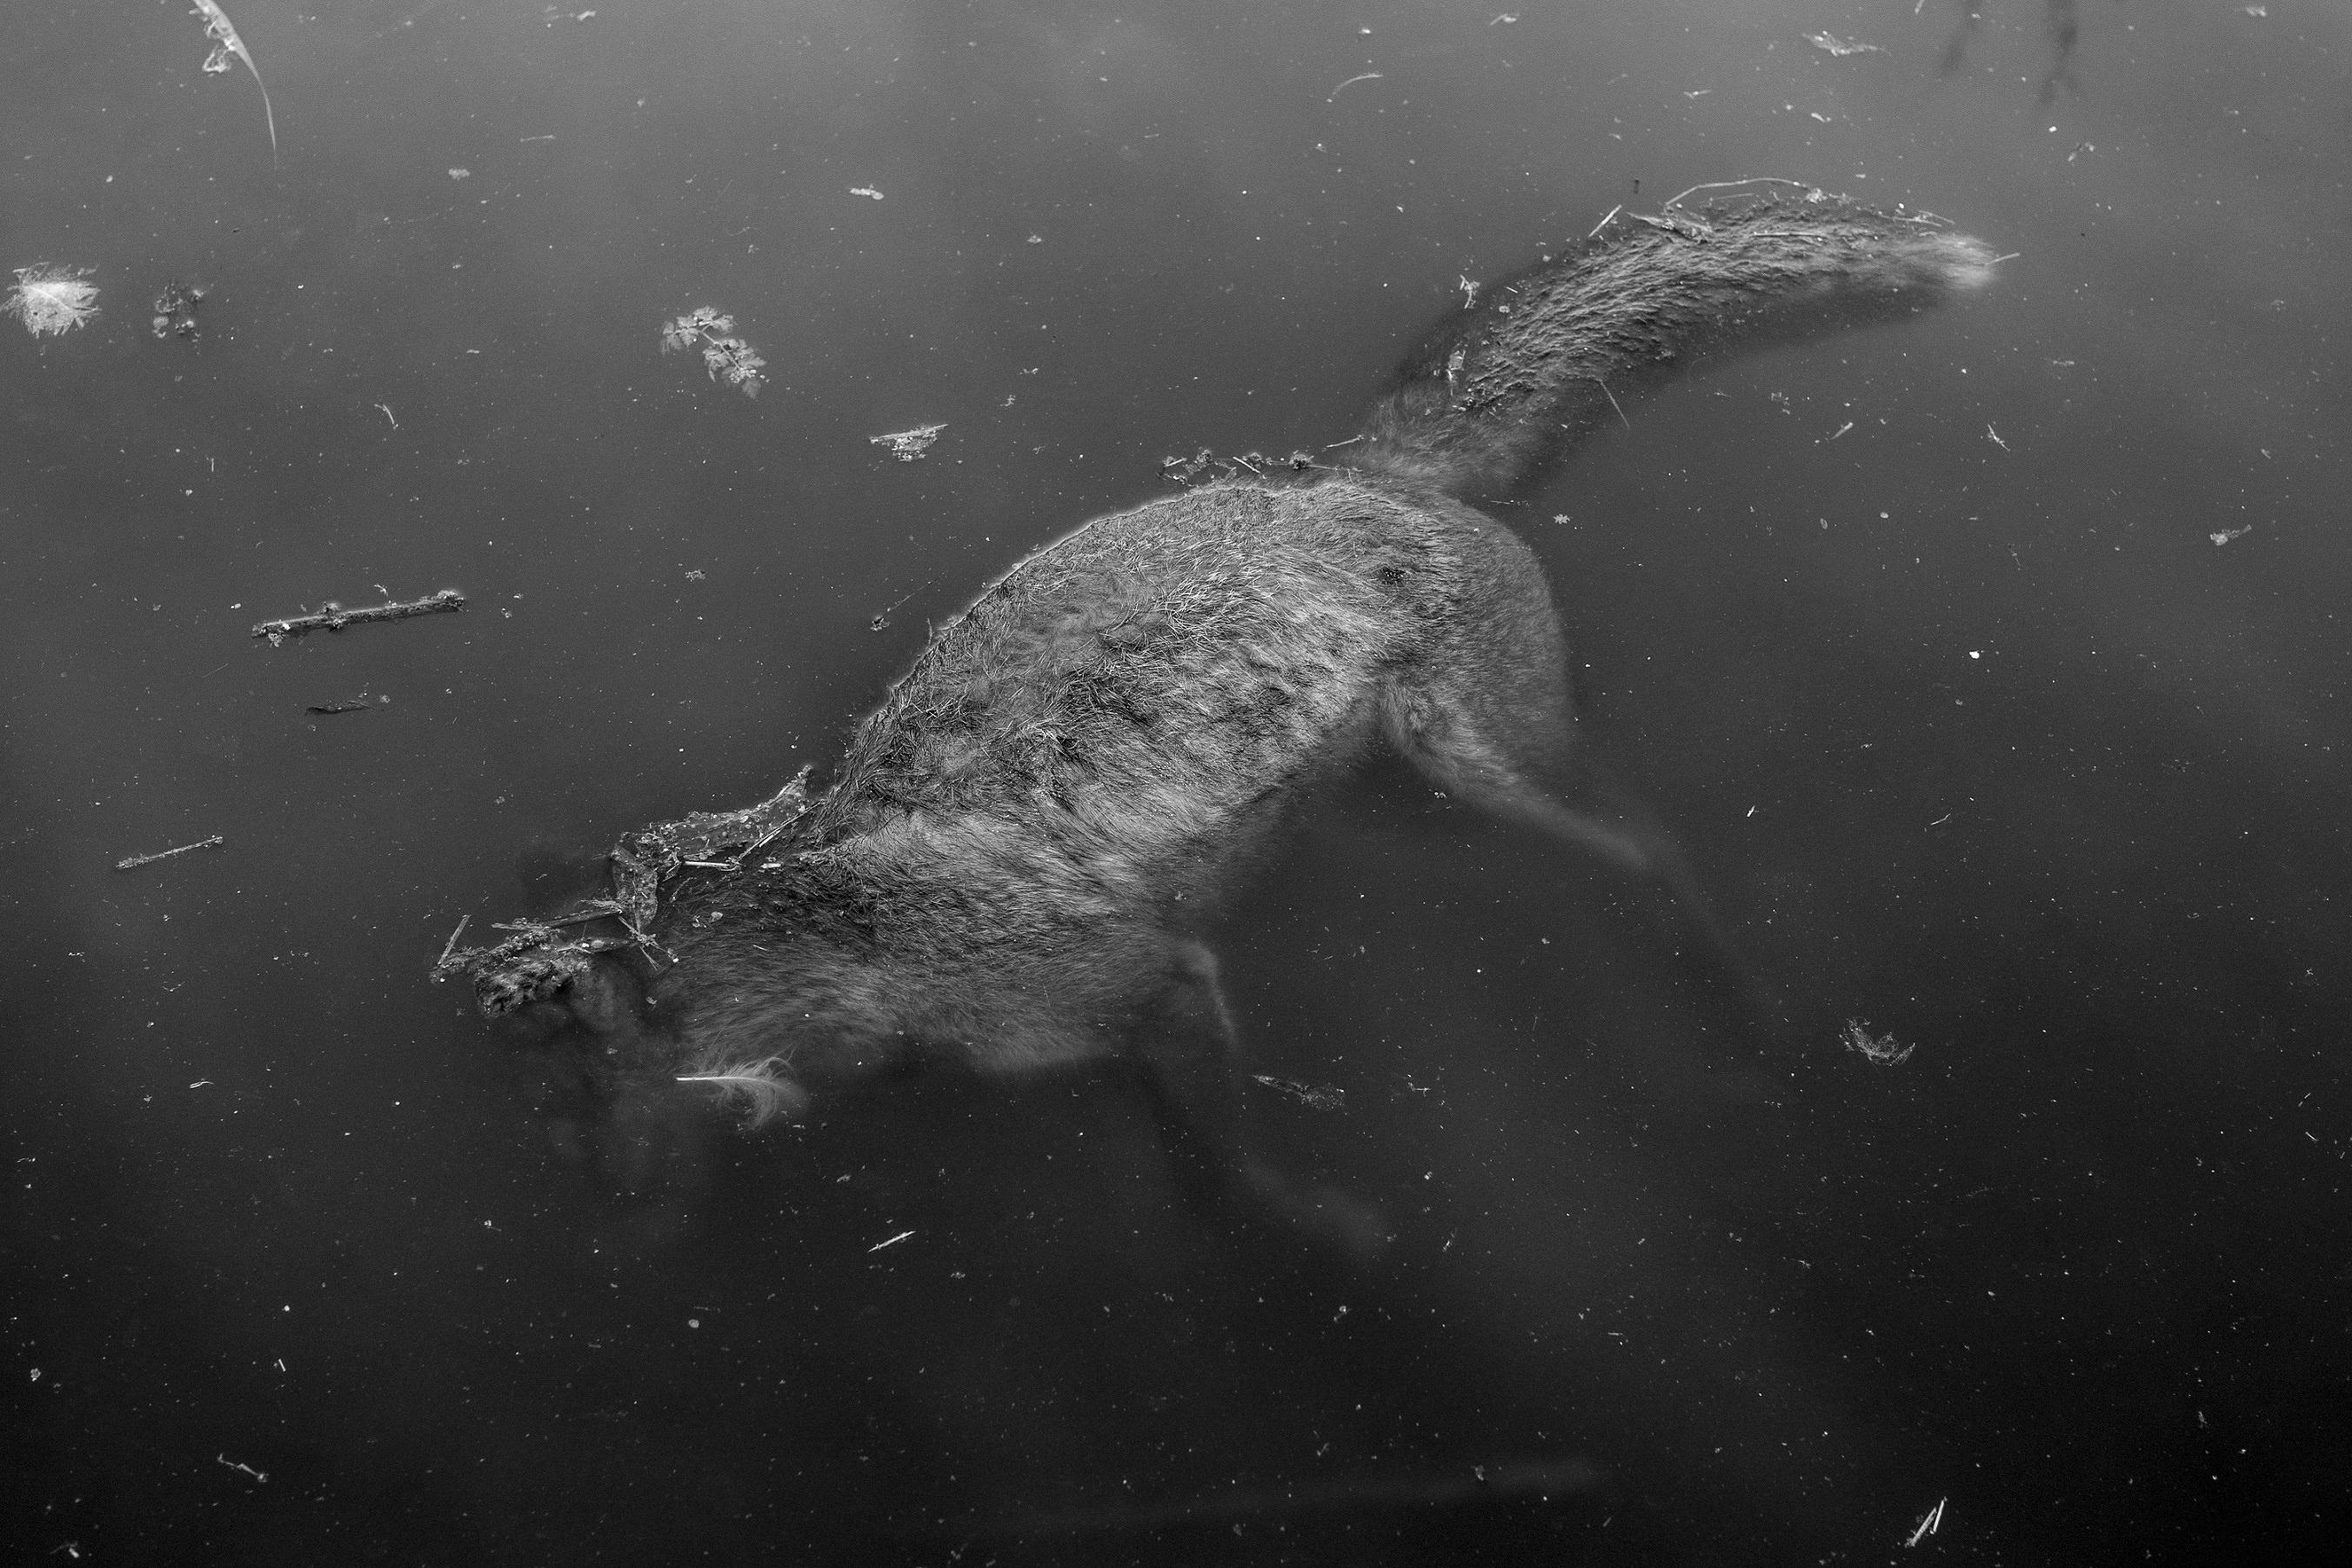 Martin Eberlein: Részlet az Ahol én élek, ott nincsenek jegesmedvék   From the series There Are No Polar Bears Where I Live, 2019